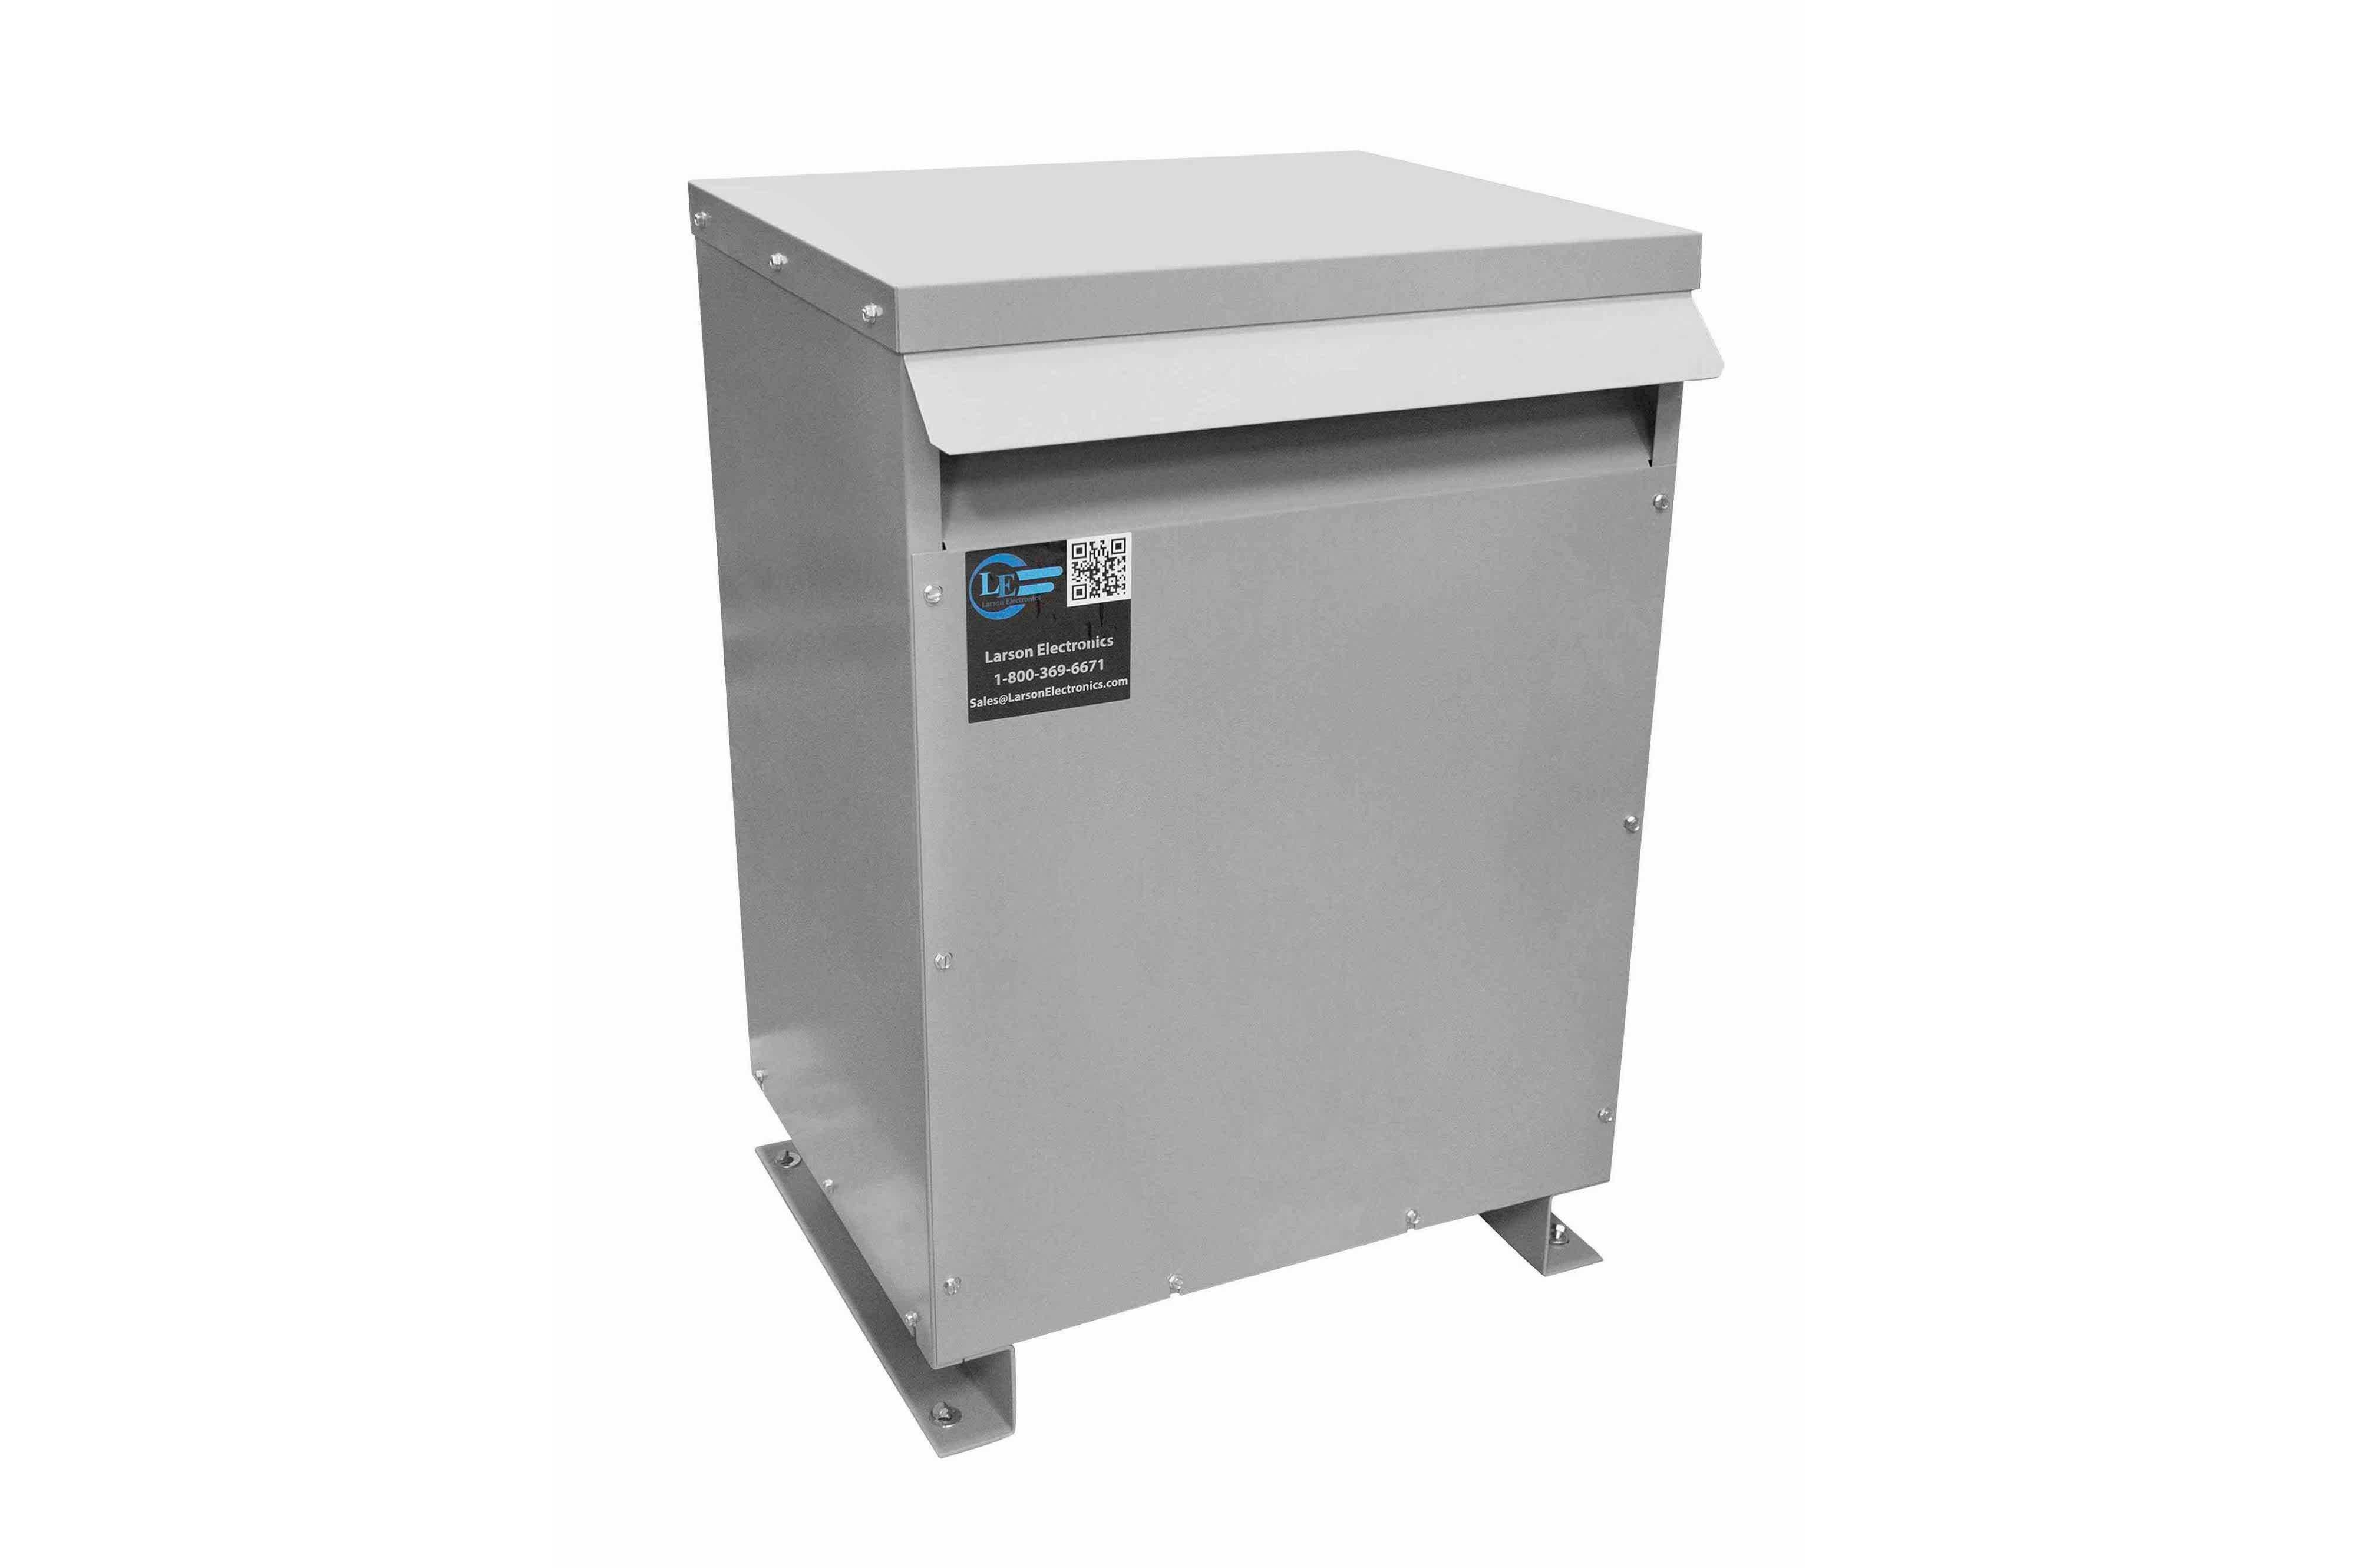 225 kVA 3PH Isolation Transformer, 480V Delta Primary, 480V Delta Secondary, N3R, Ventilated, 60 Hz